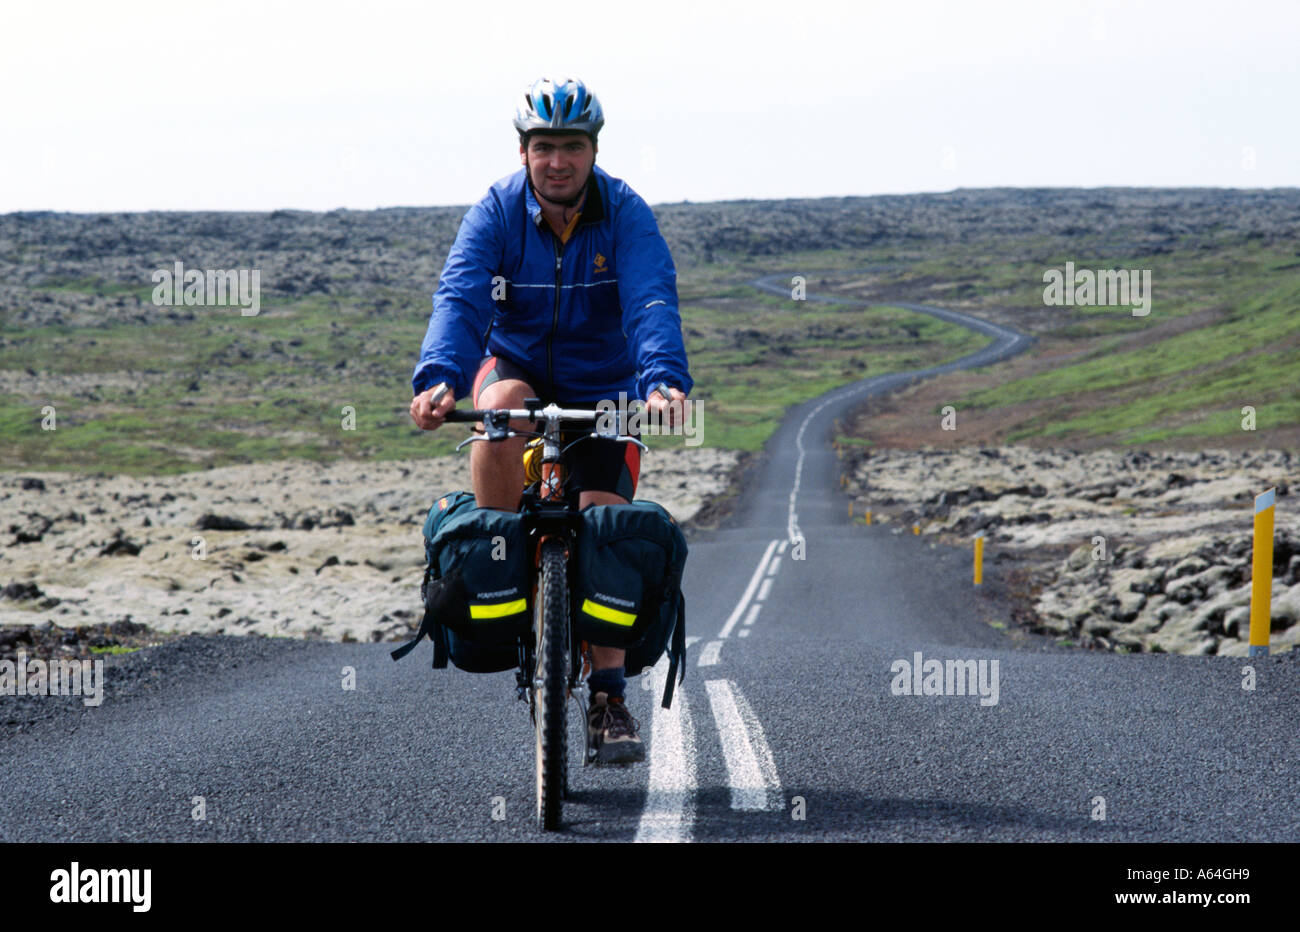 Carl Galvin Mountain Biking in Iceland during the Bike Iceland Mountain Biking Exprdition - Stock Image